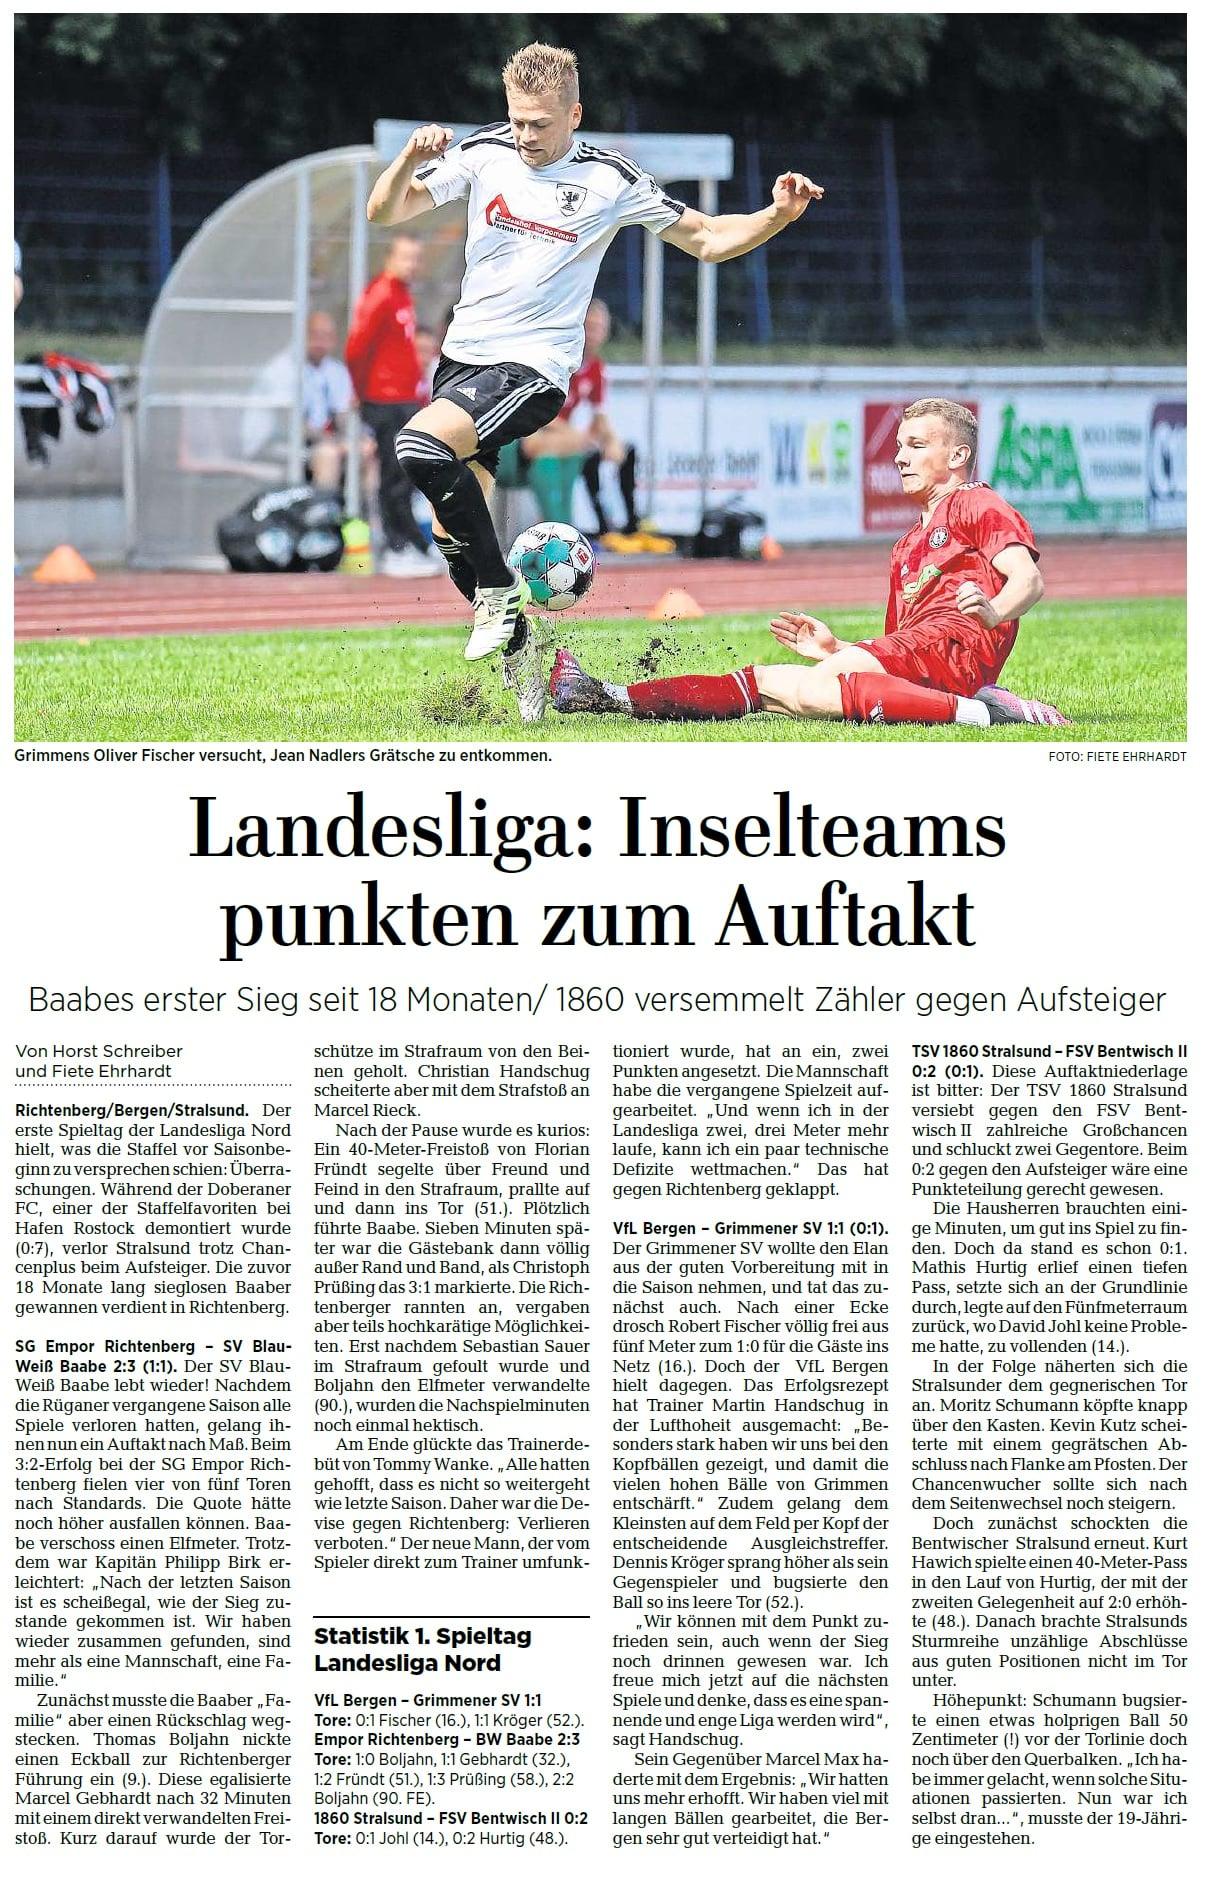 1. Spieltag: SG Empor Richtenberg - SV BW 50 Baabe